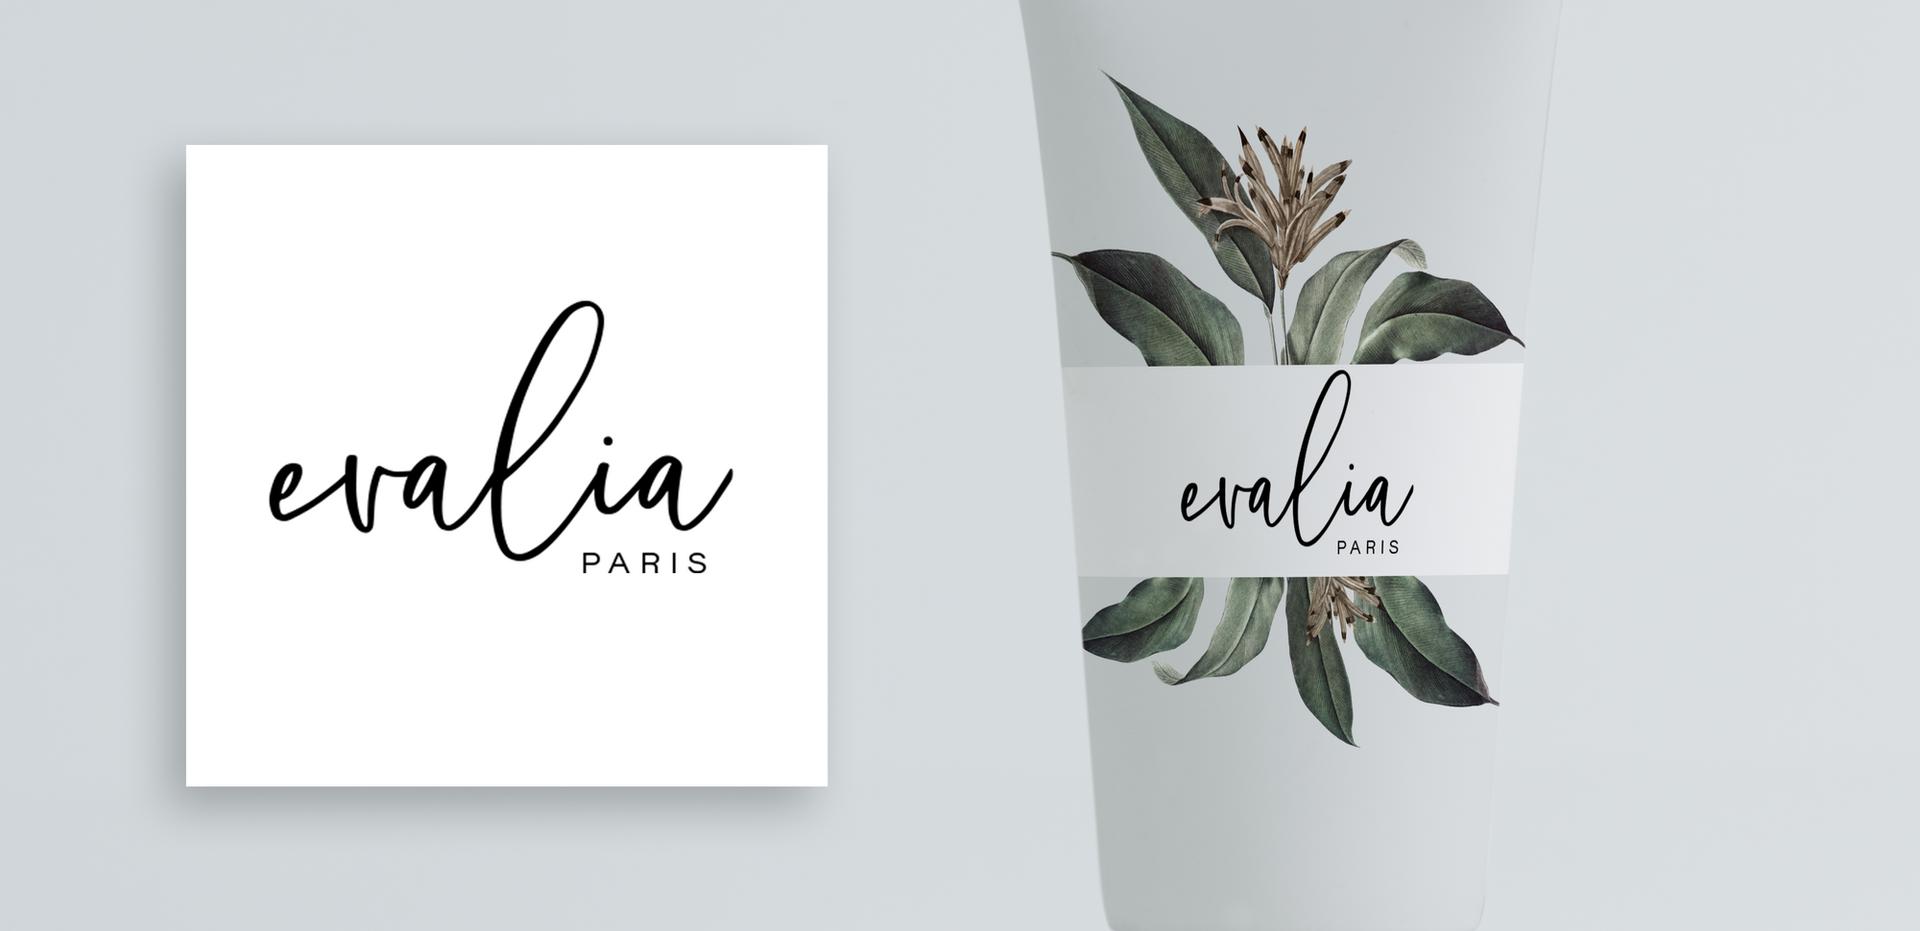 Evalia Paris Logo & Product Design by Kaitlynn Stone